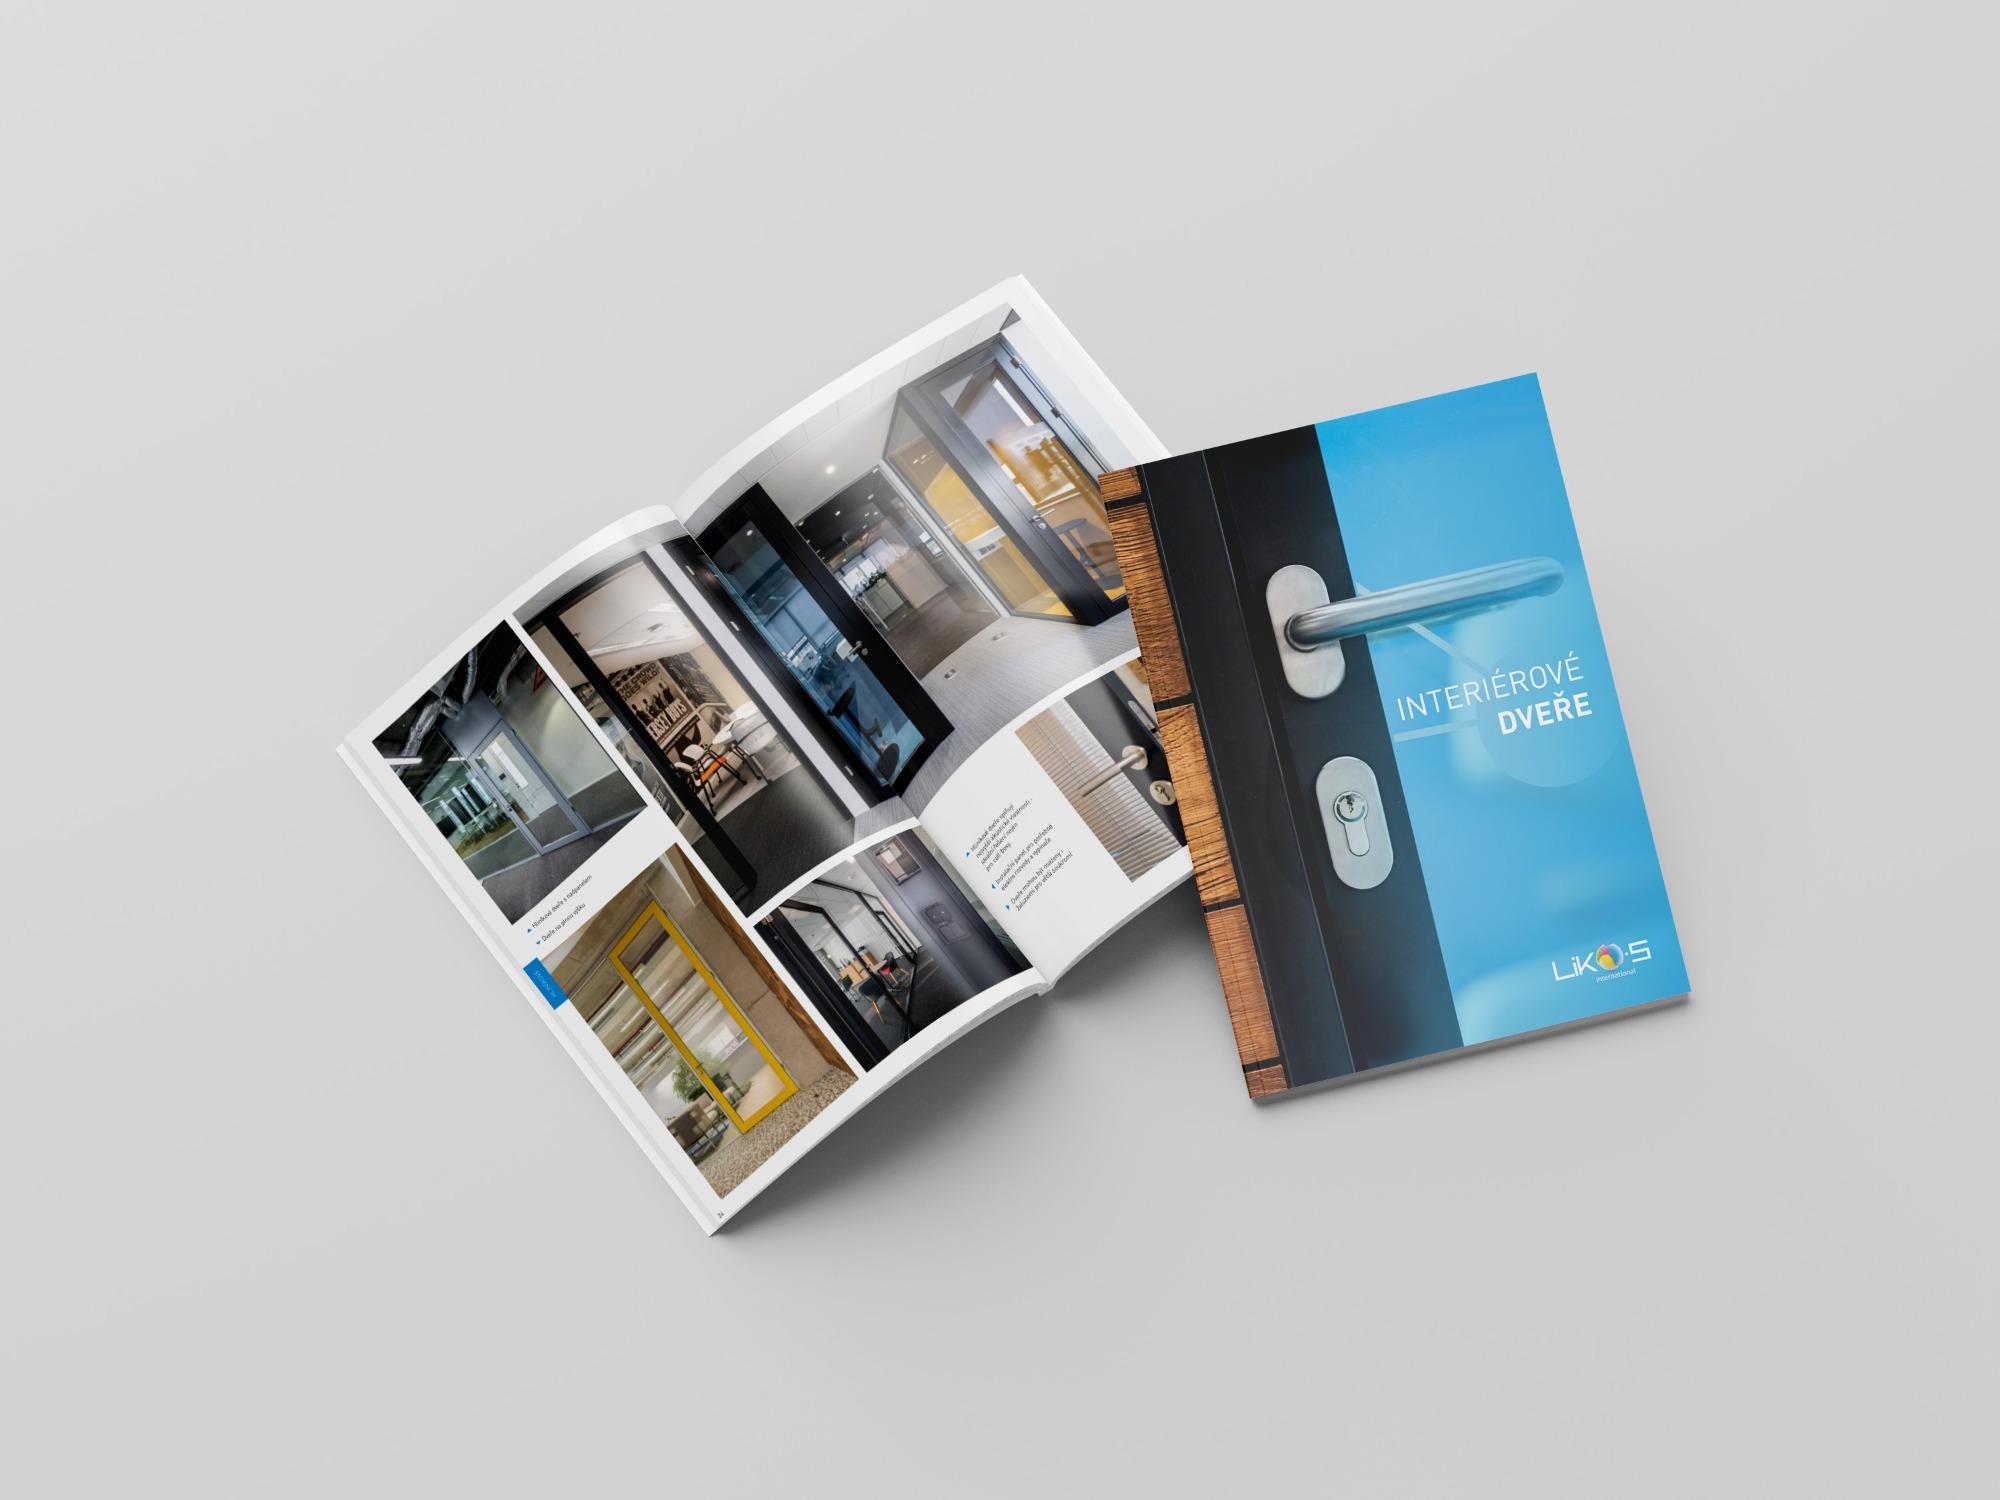 Nová brožura Interiérové dveře je tady!